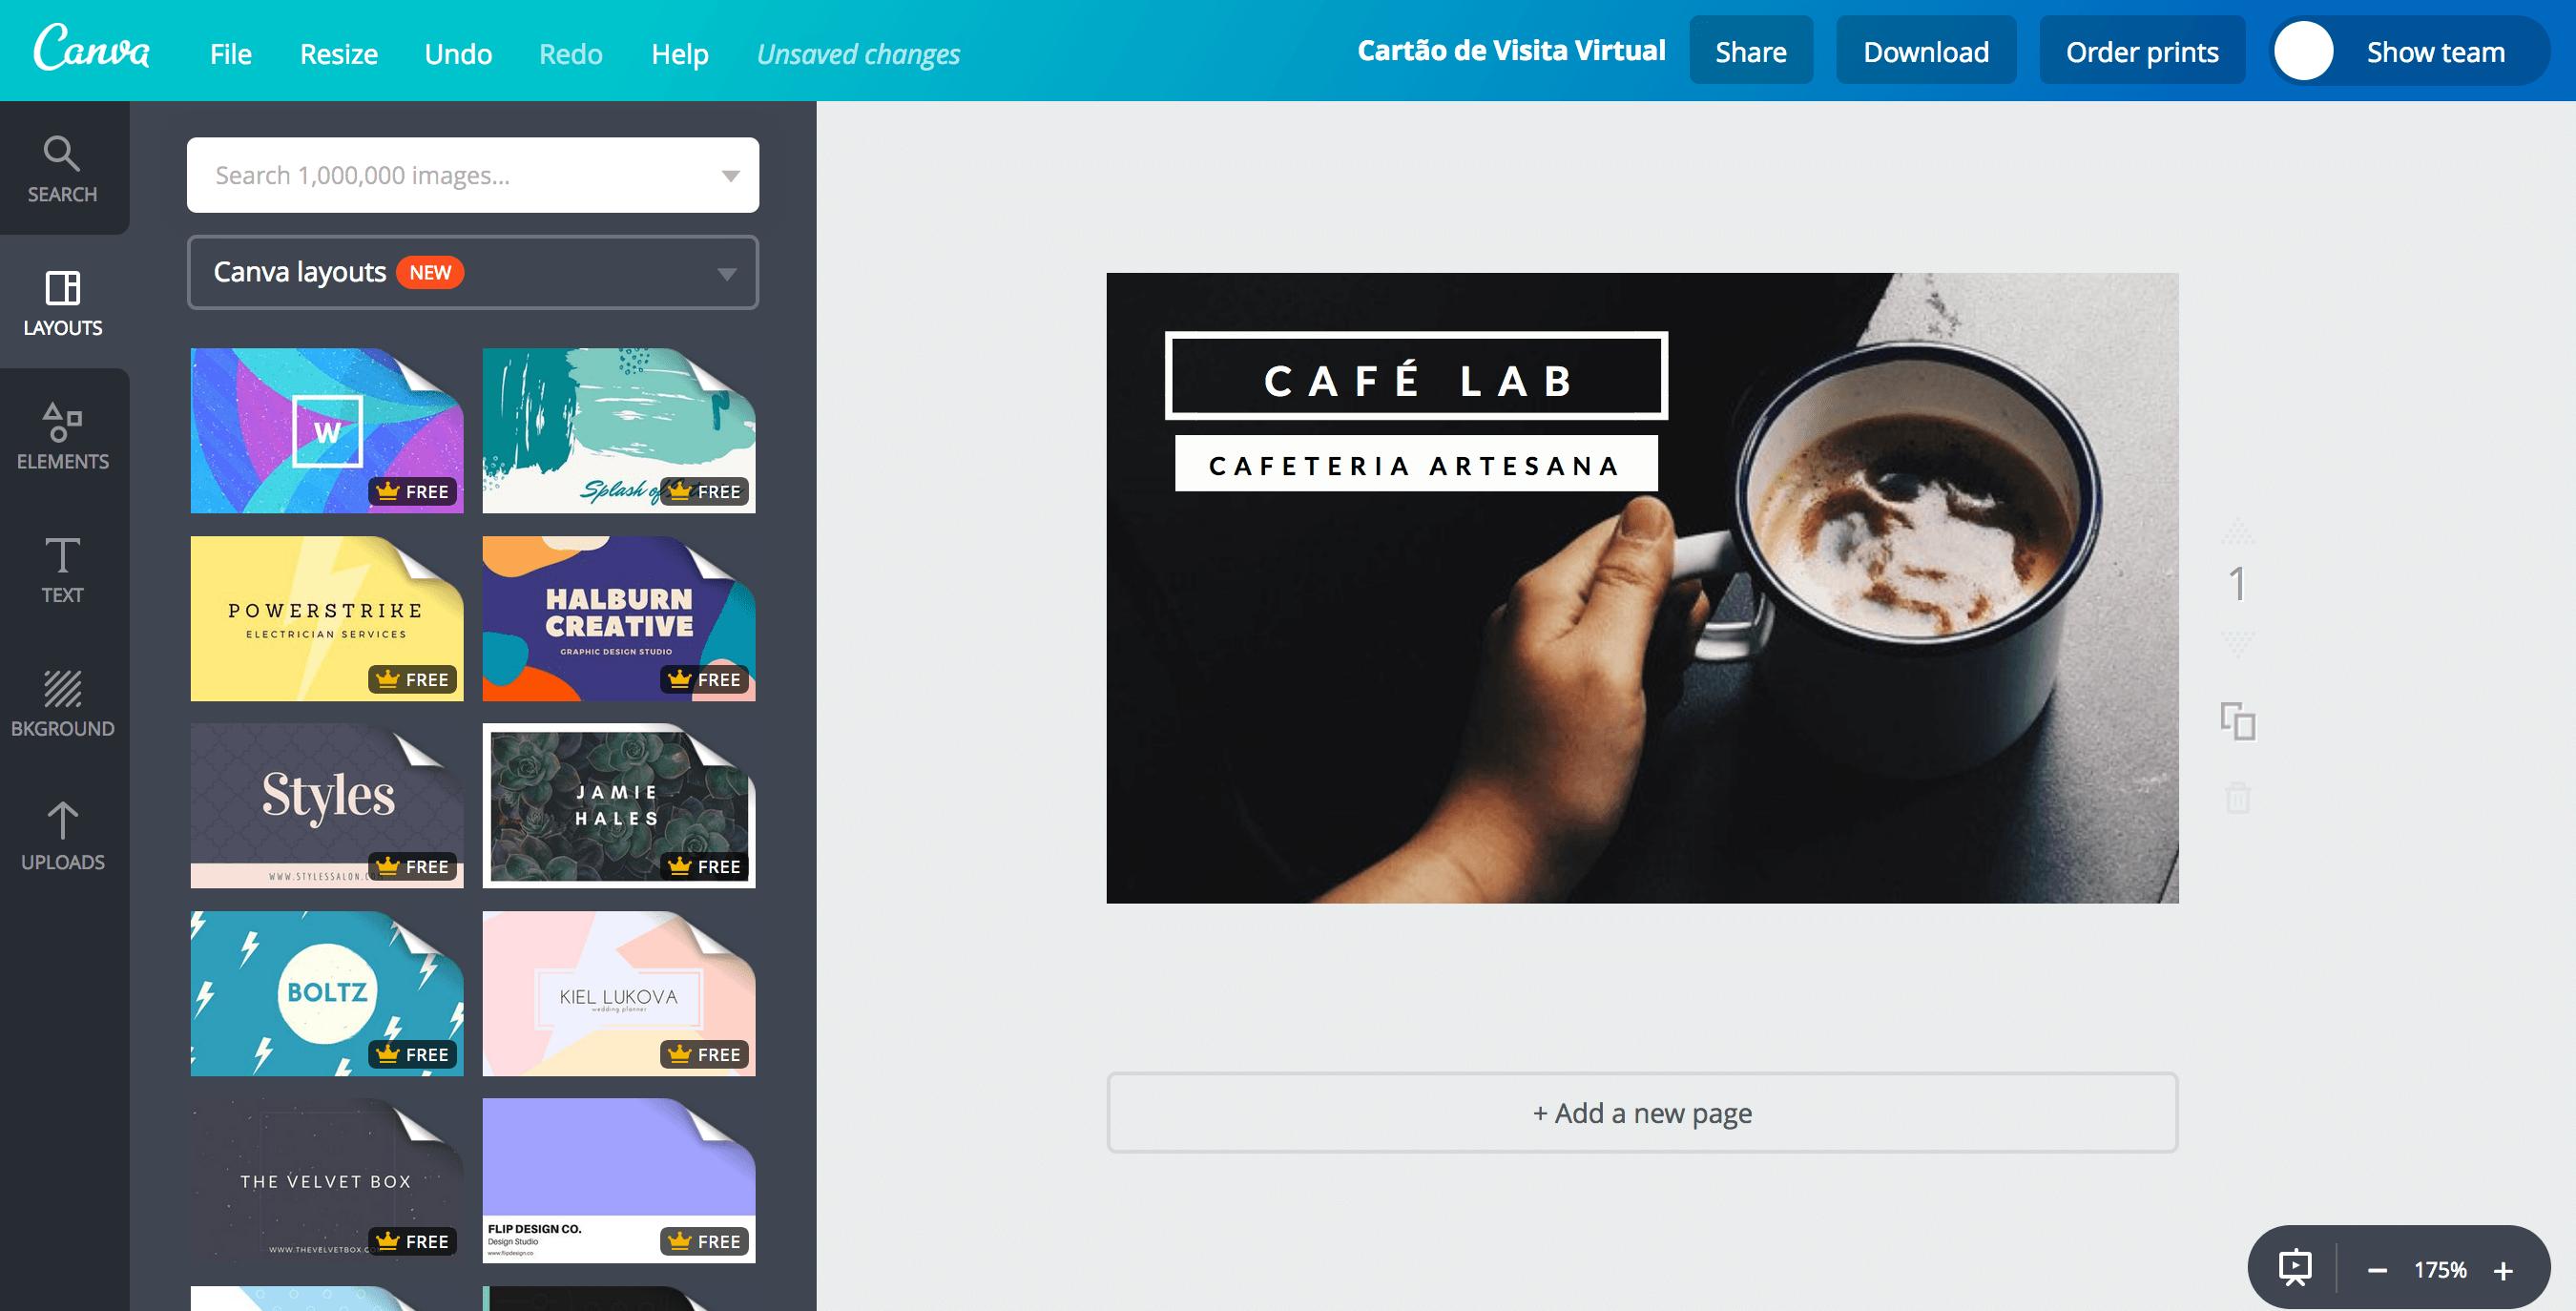 Cartão de visita virtual